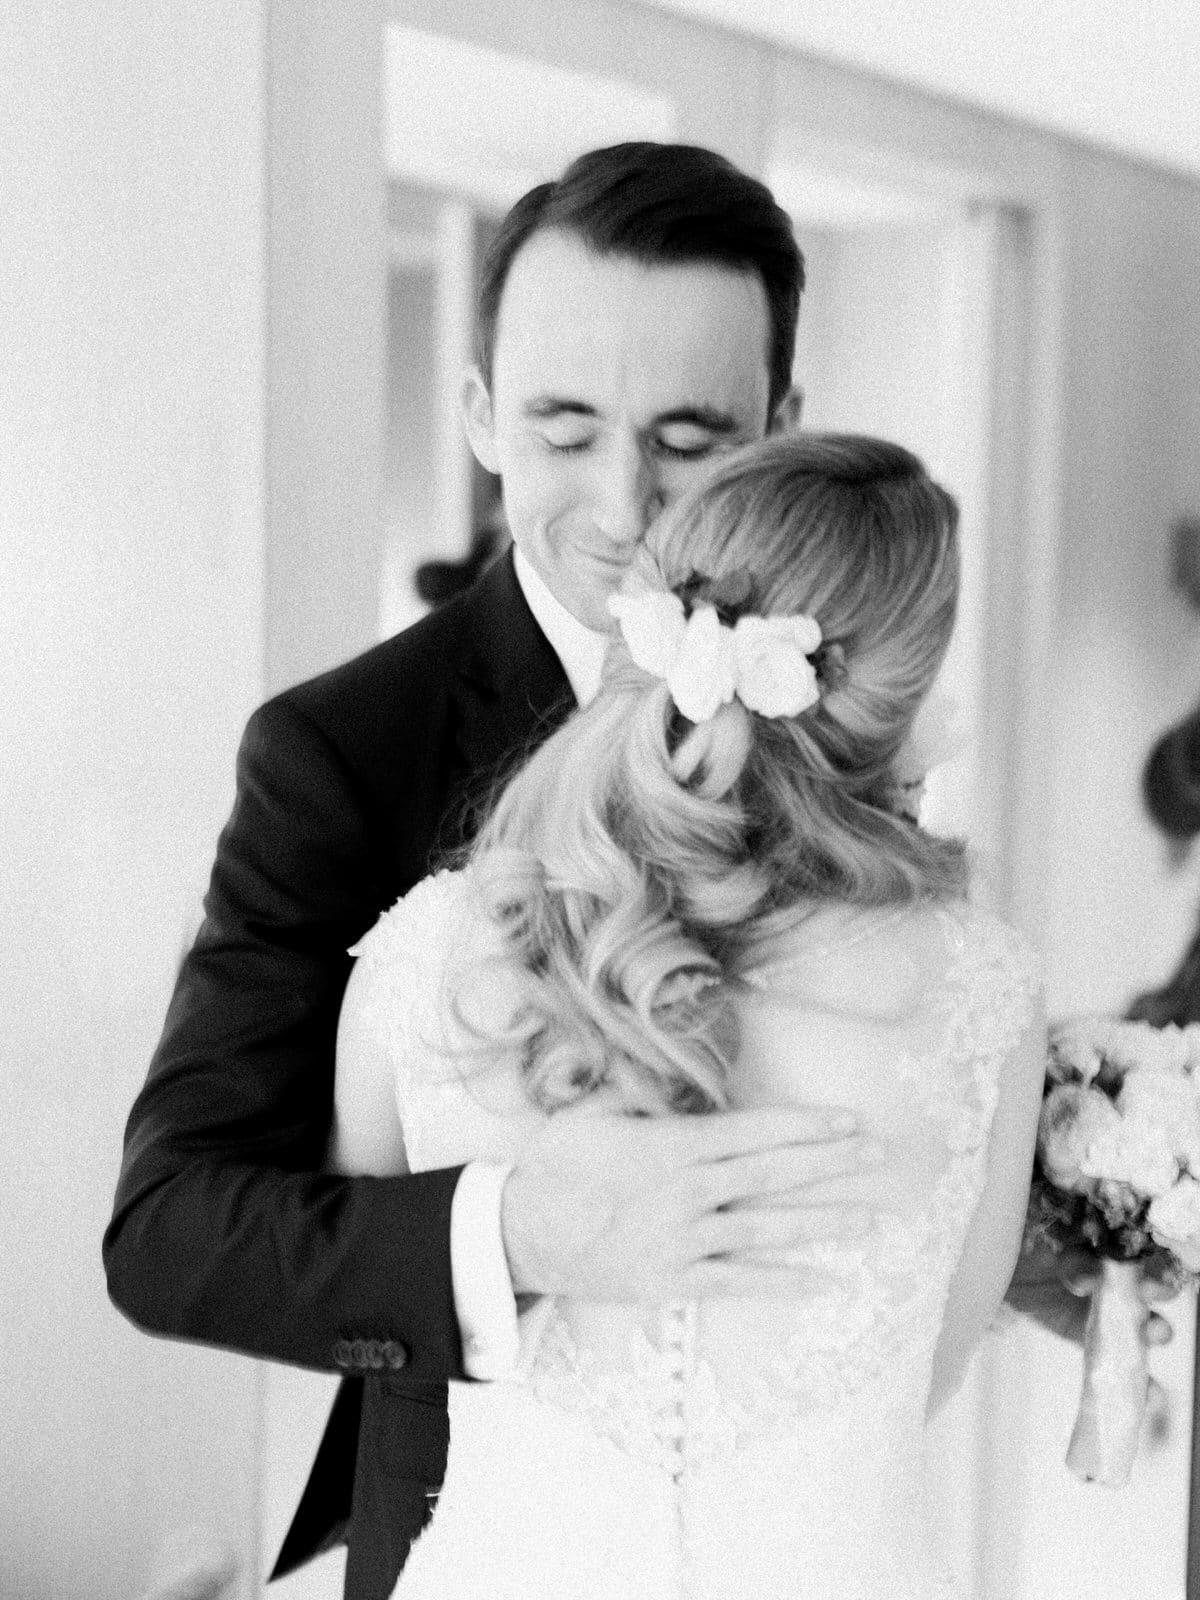 Wedding Photographer Zürich, Storchen, Switzerland,Youri Claessens Photography